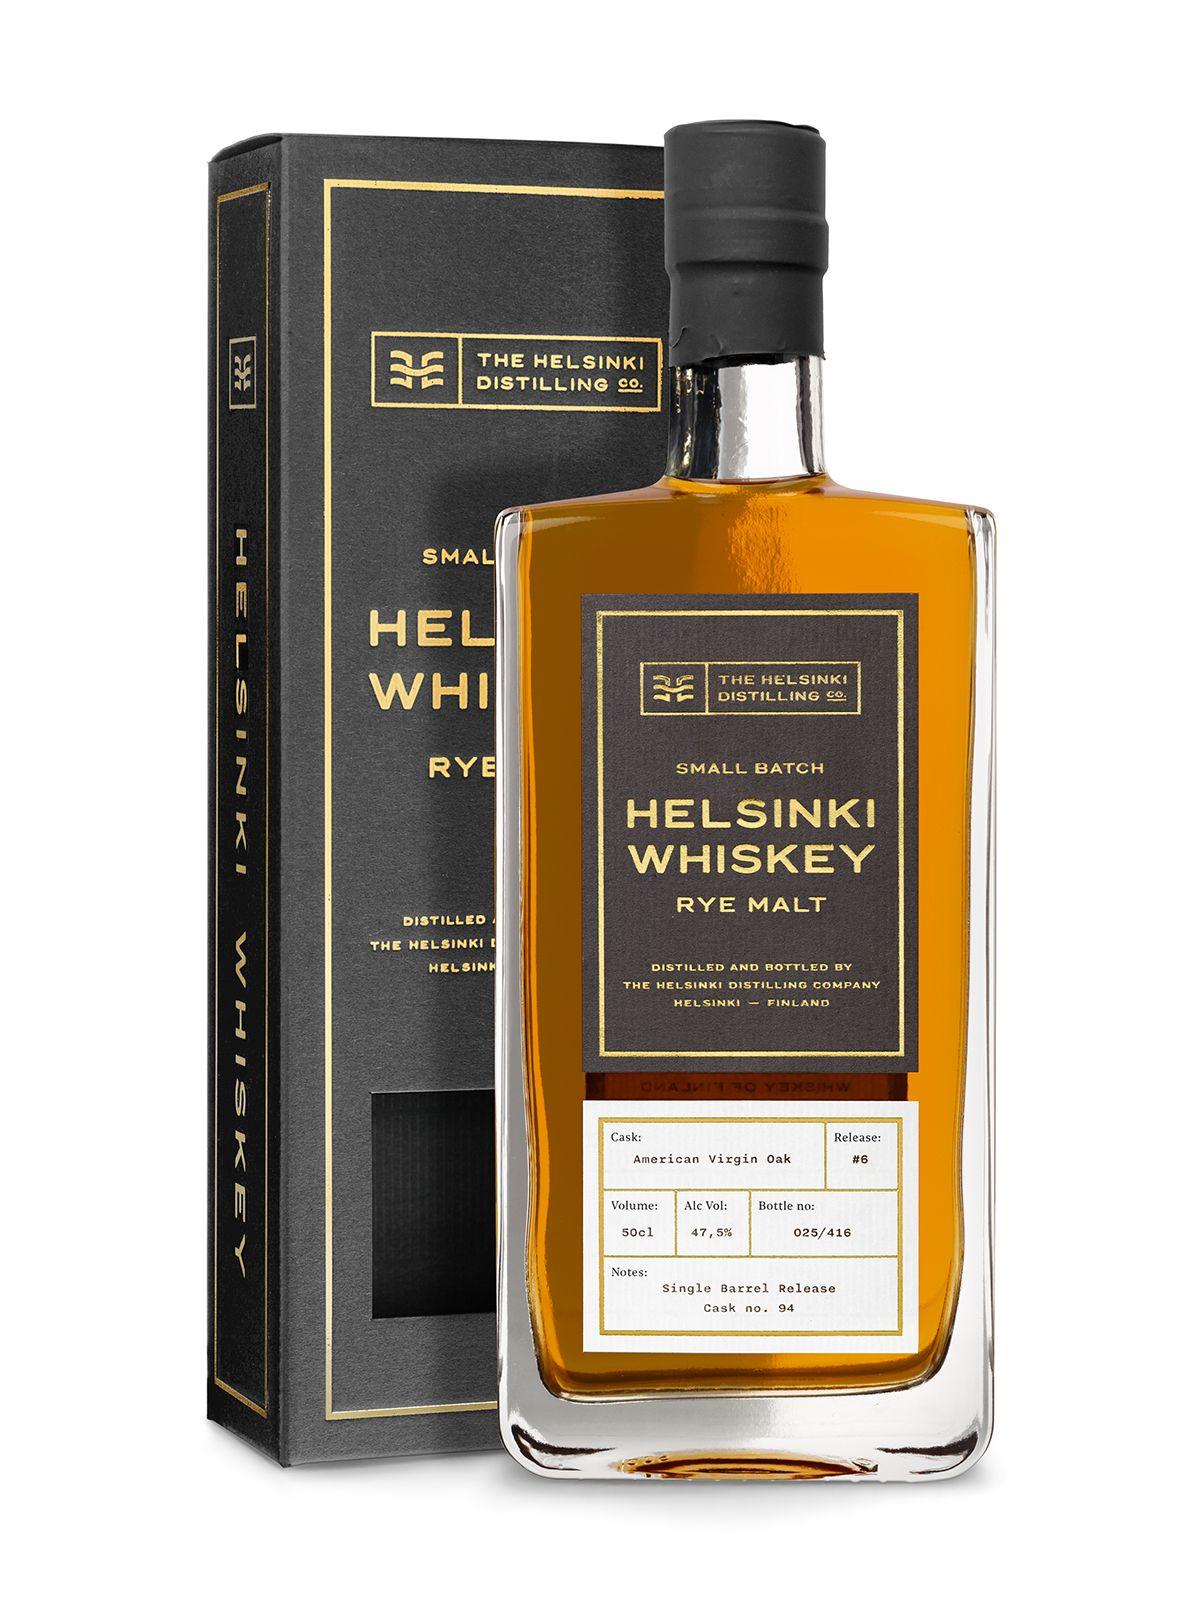 Helsinki Rye Malt Whisky